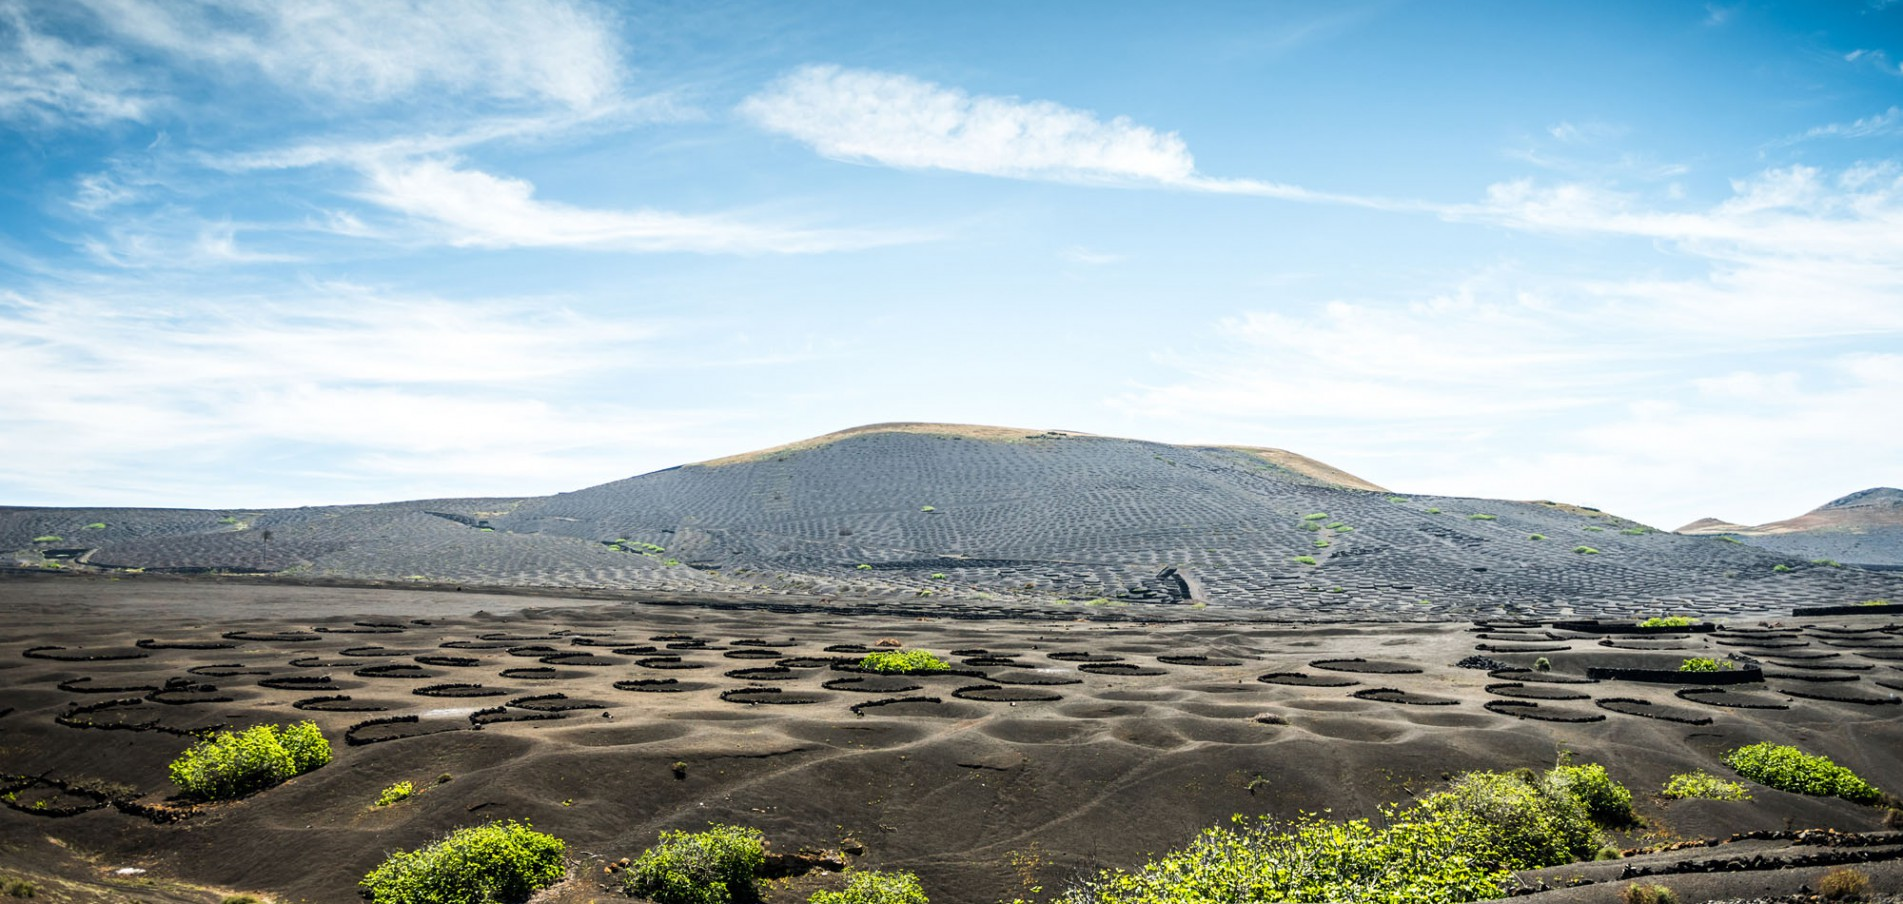 Willkommen auf Lanzarote ... zwischen Mondlandschaften und Vulkankratern!